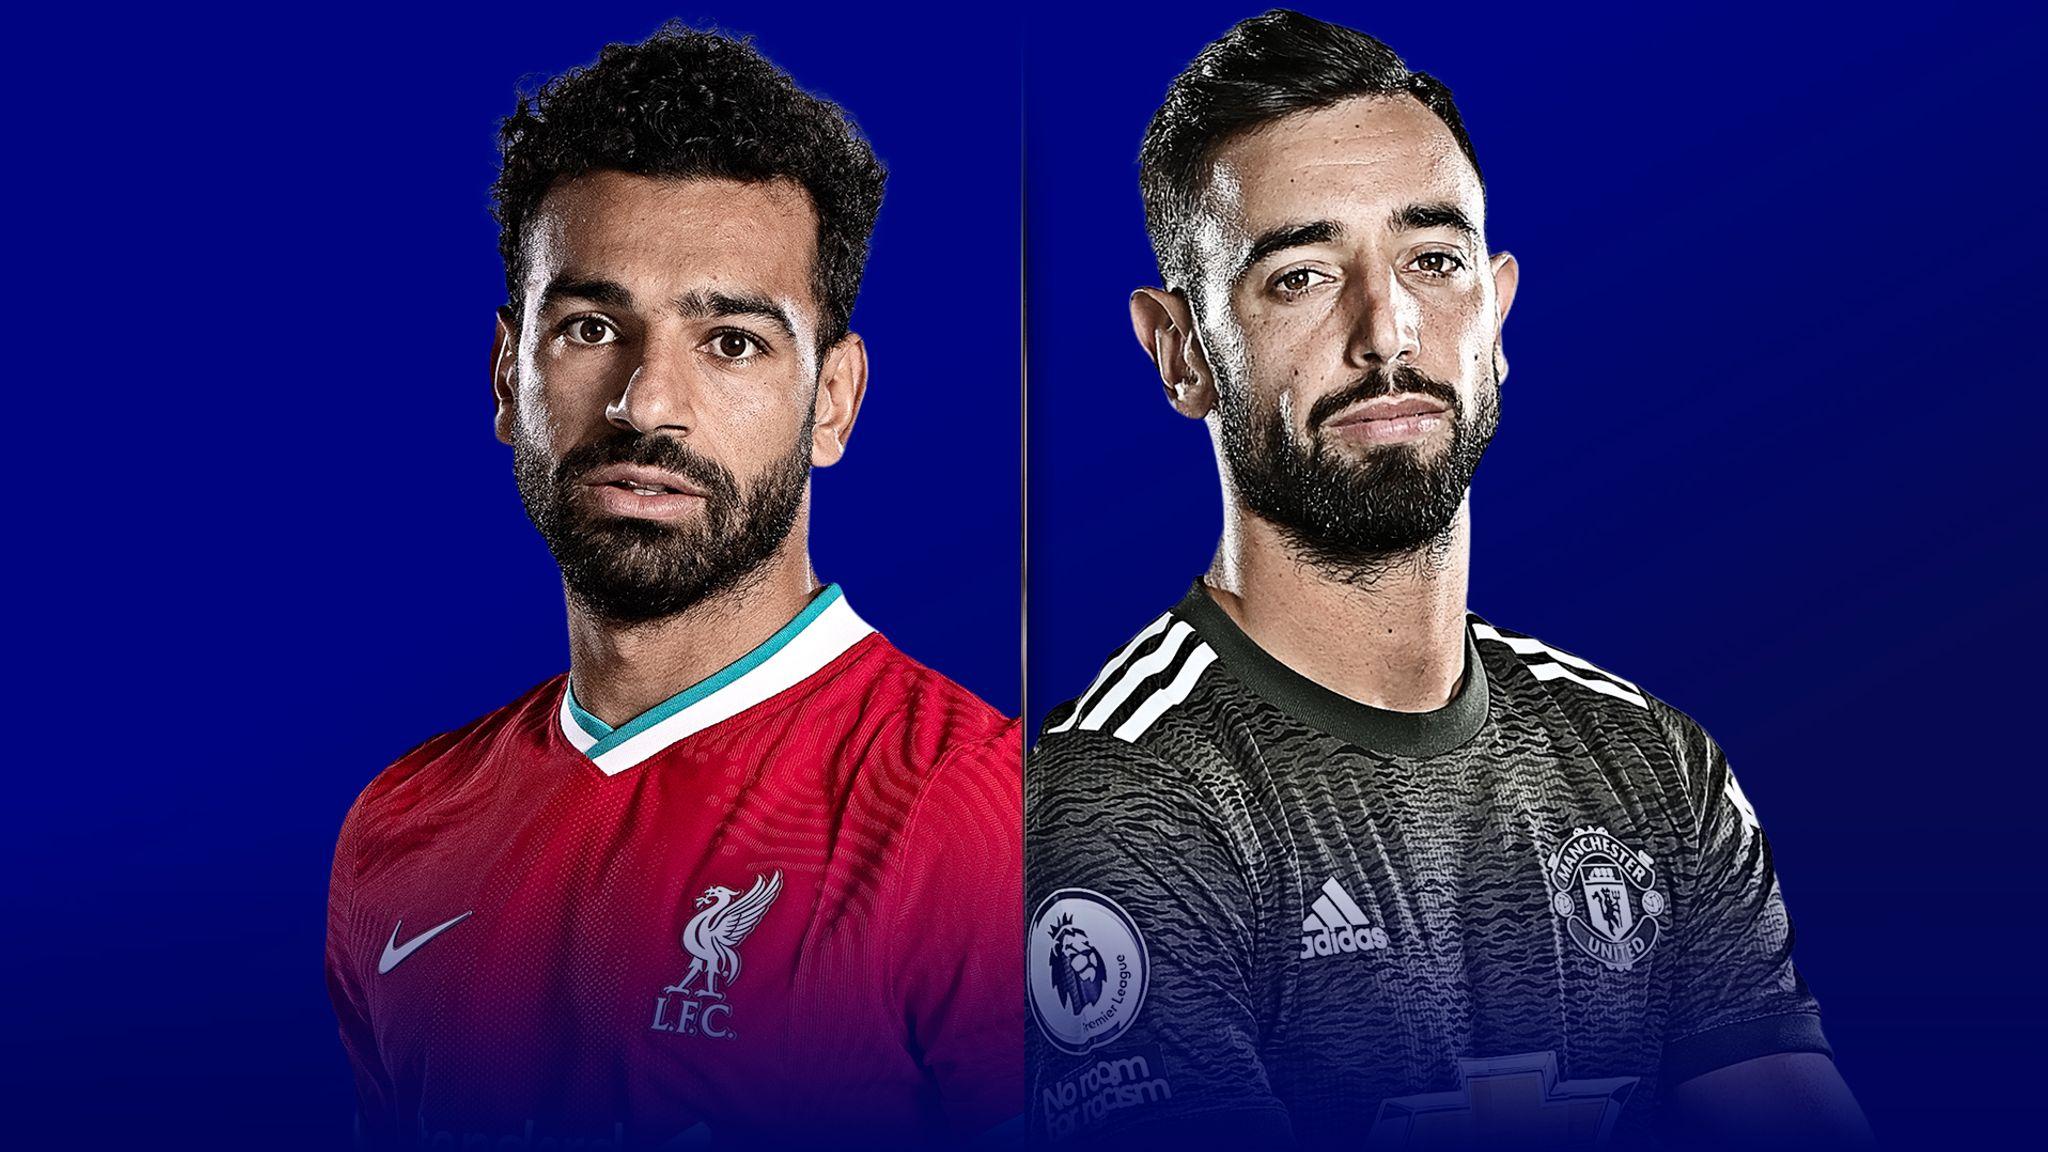 Bugun Liverpool - Manchester United! Sizningcha kim g'alaba qozonadi?